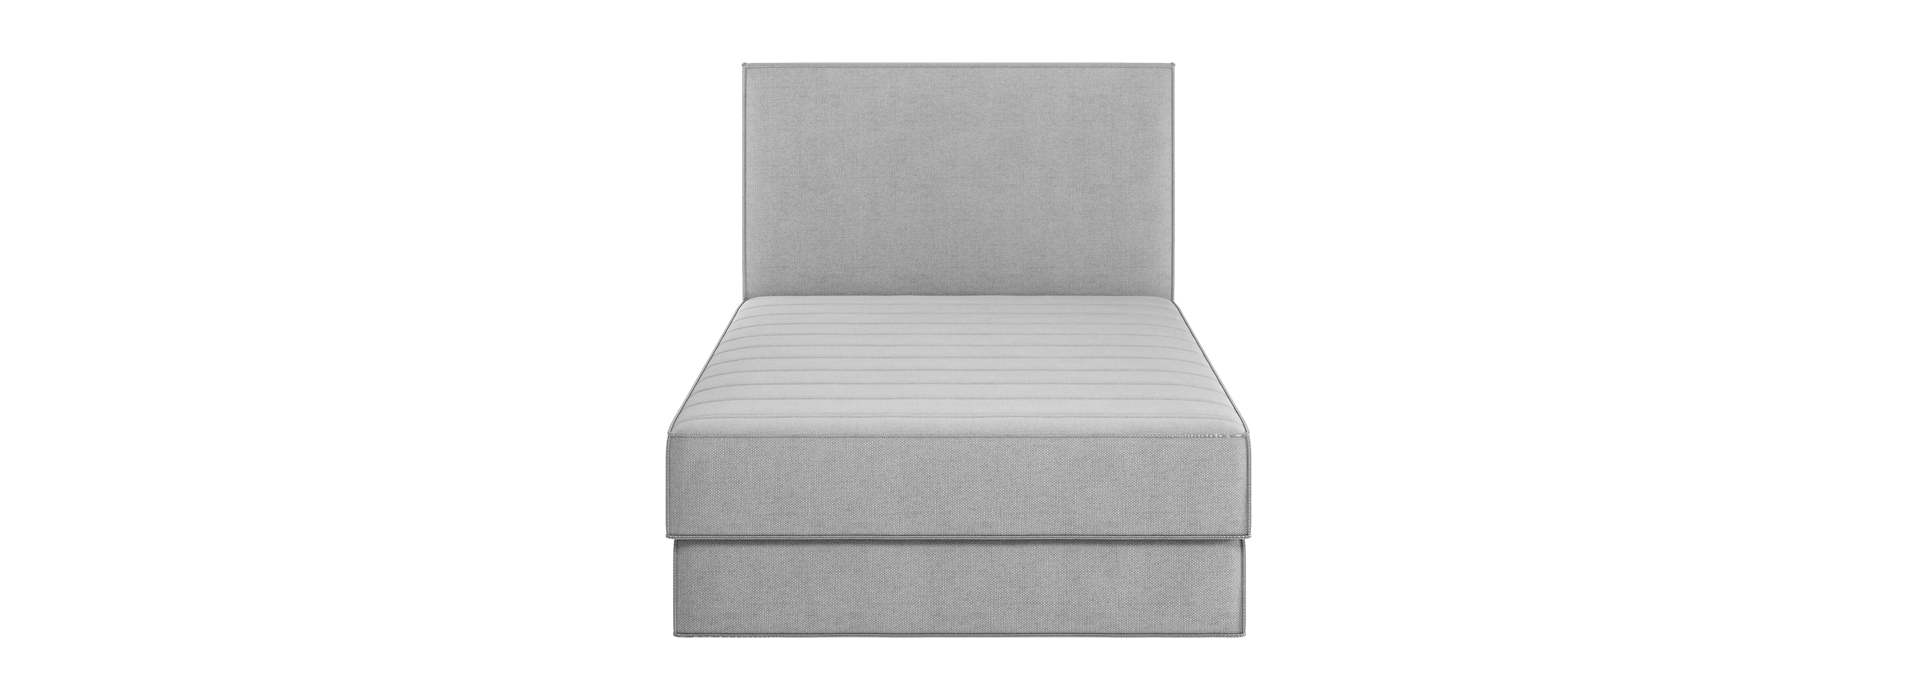 Лина 1.2 кровать с подъемником - маска 7